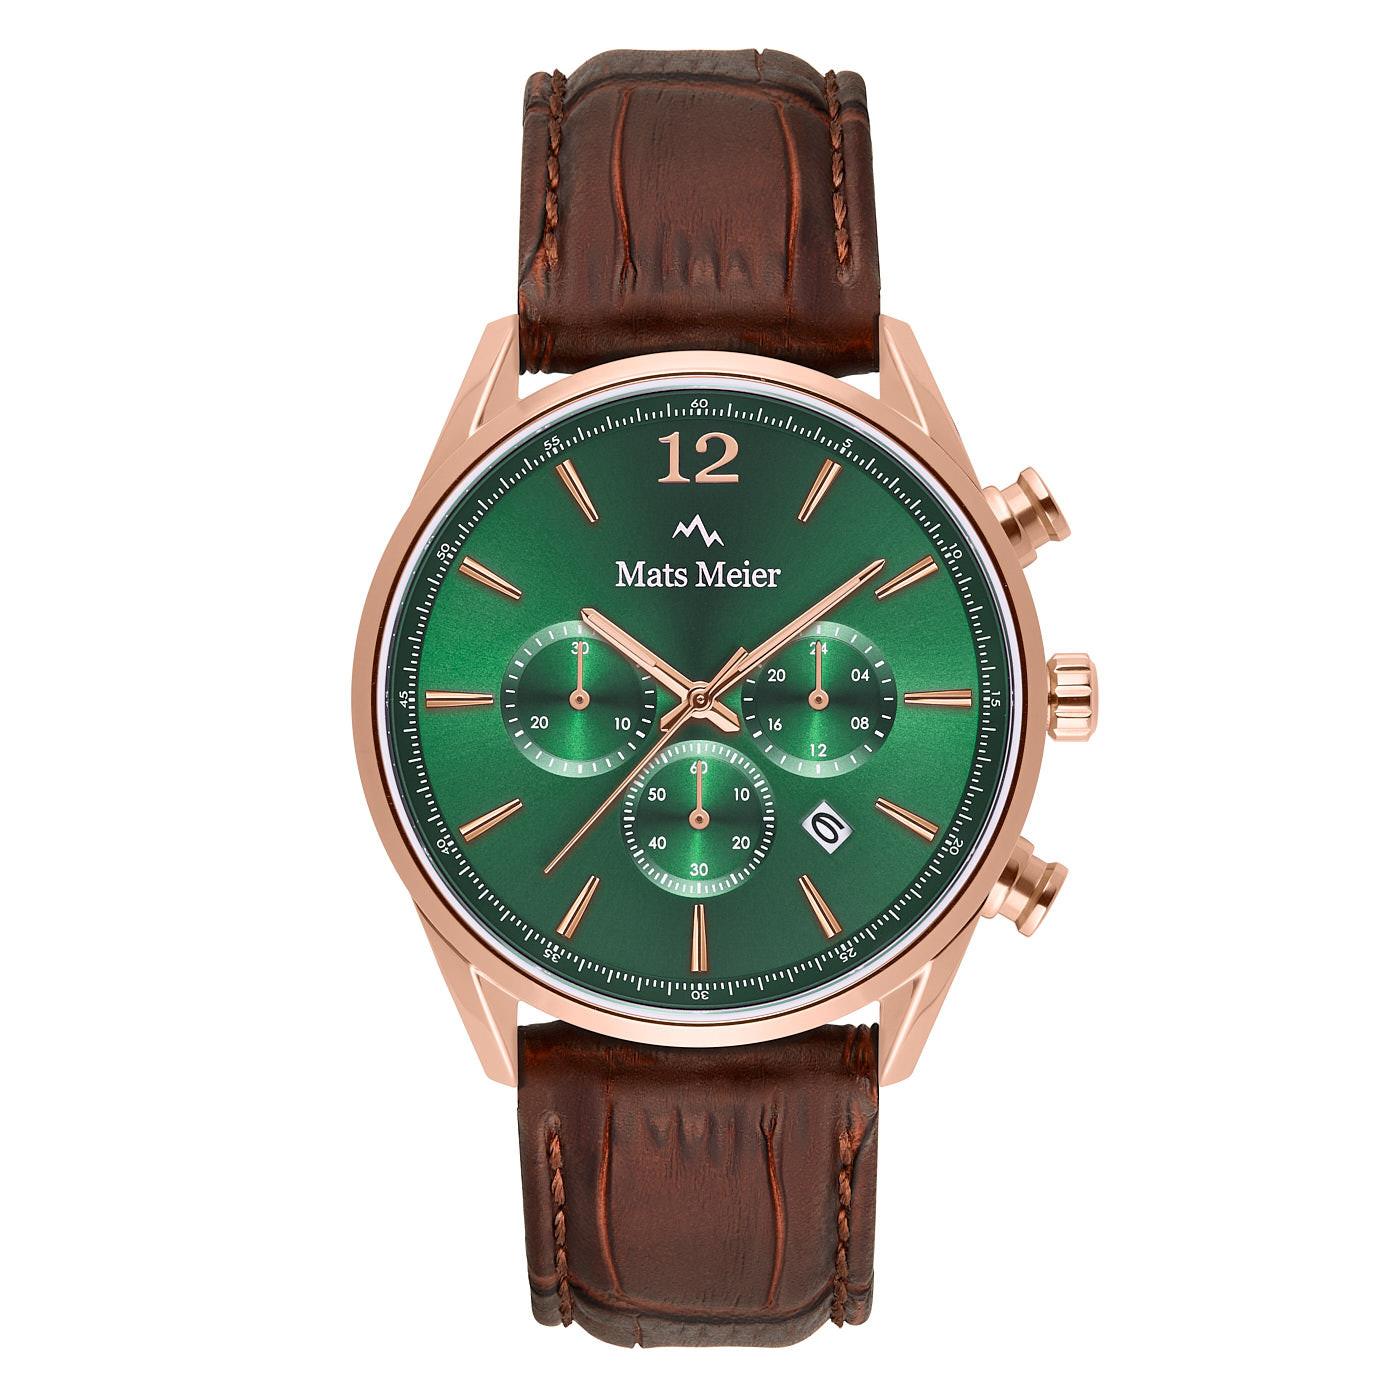 Mats Meier Grand Cornier chronograaf herenhorloge bruin en groen